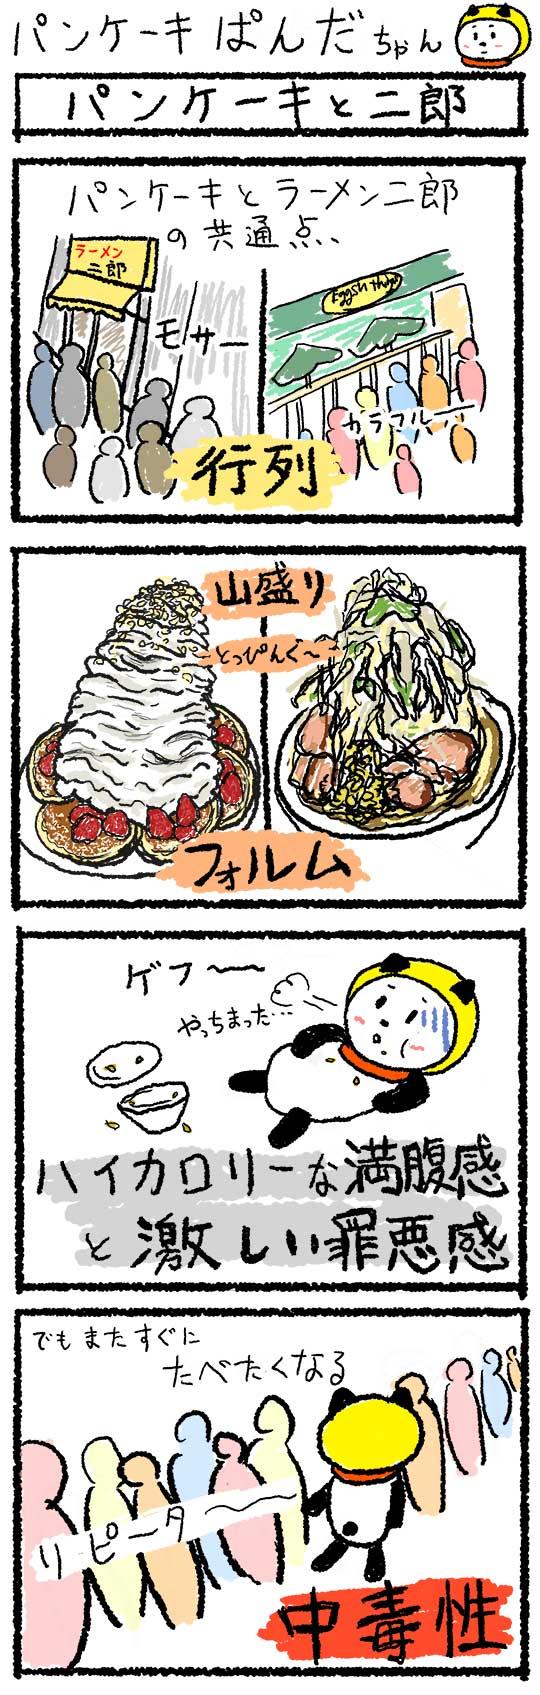 パンケーキと次郎